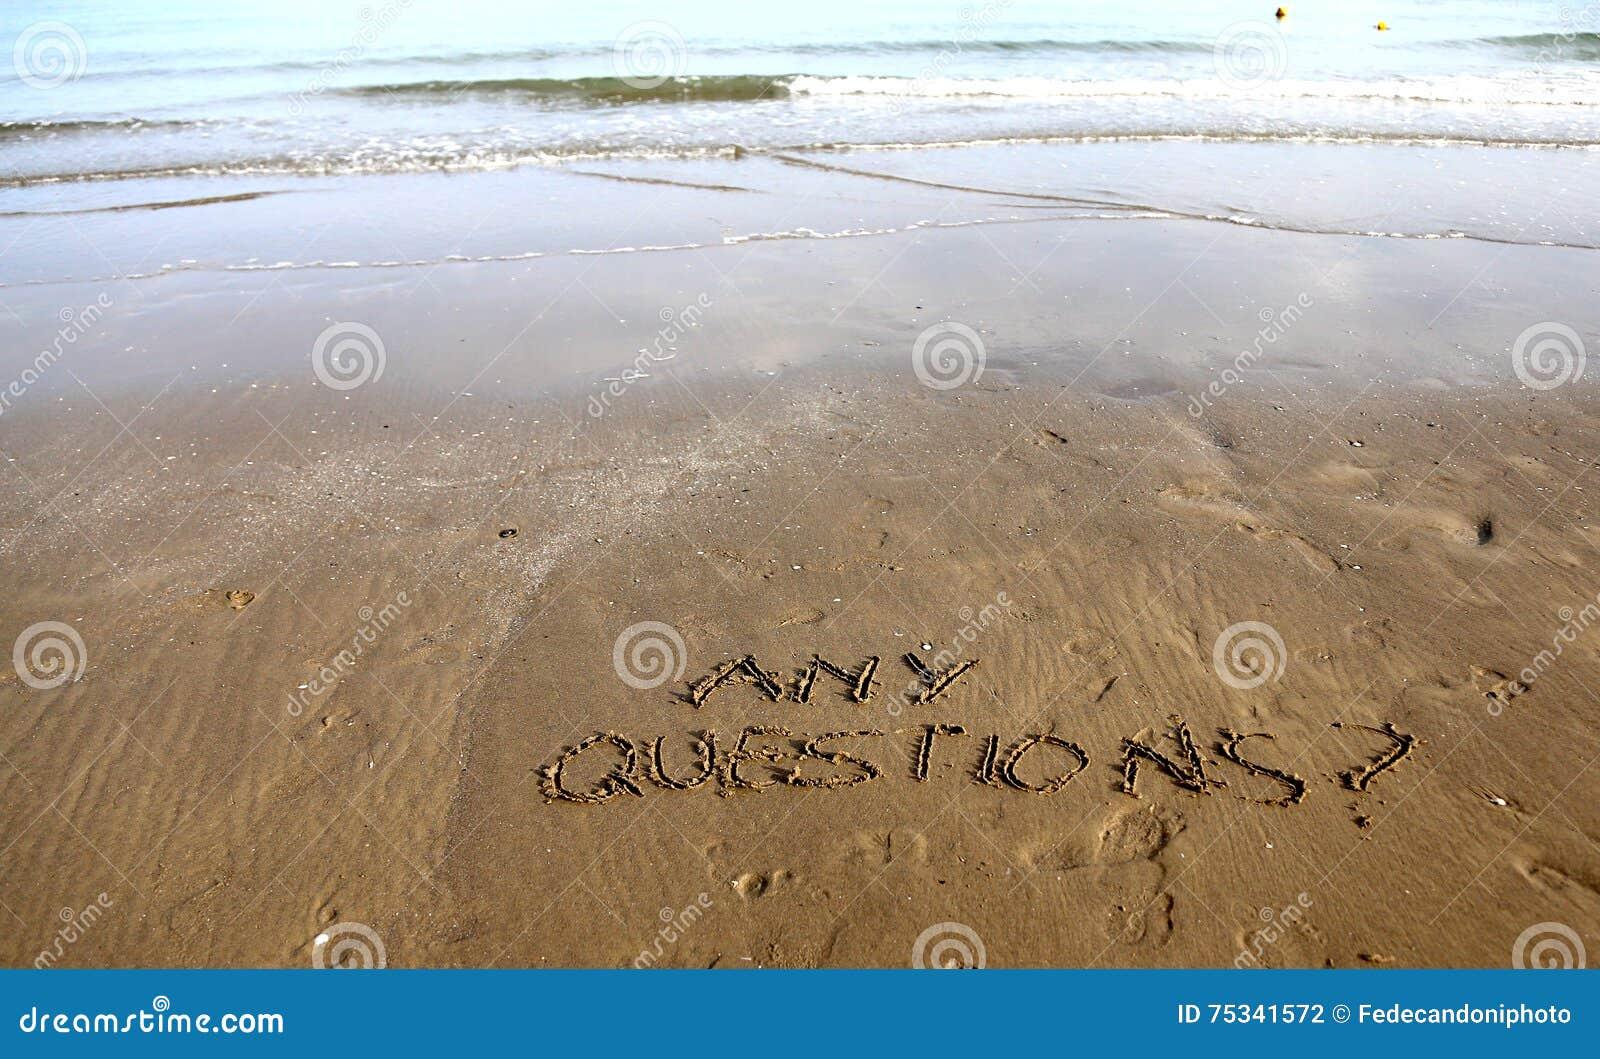 Något ifrågasätter handstil på strandsanden